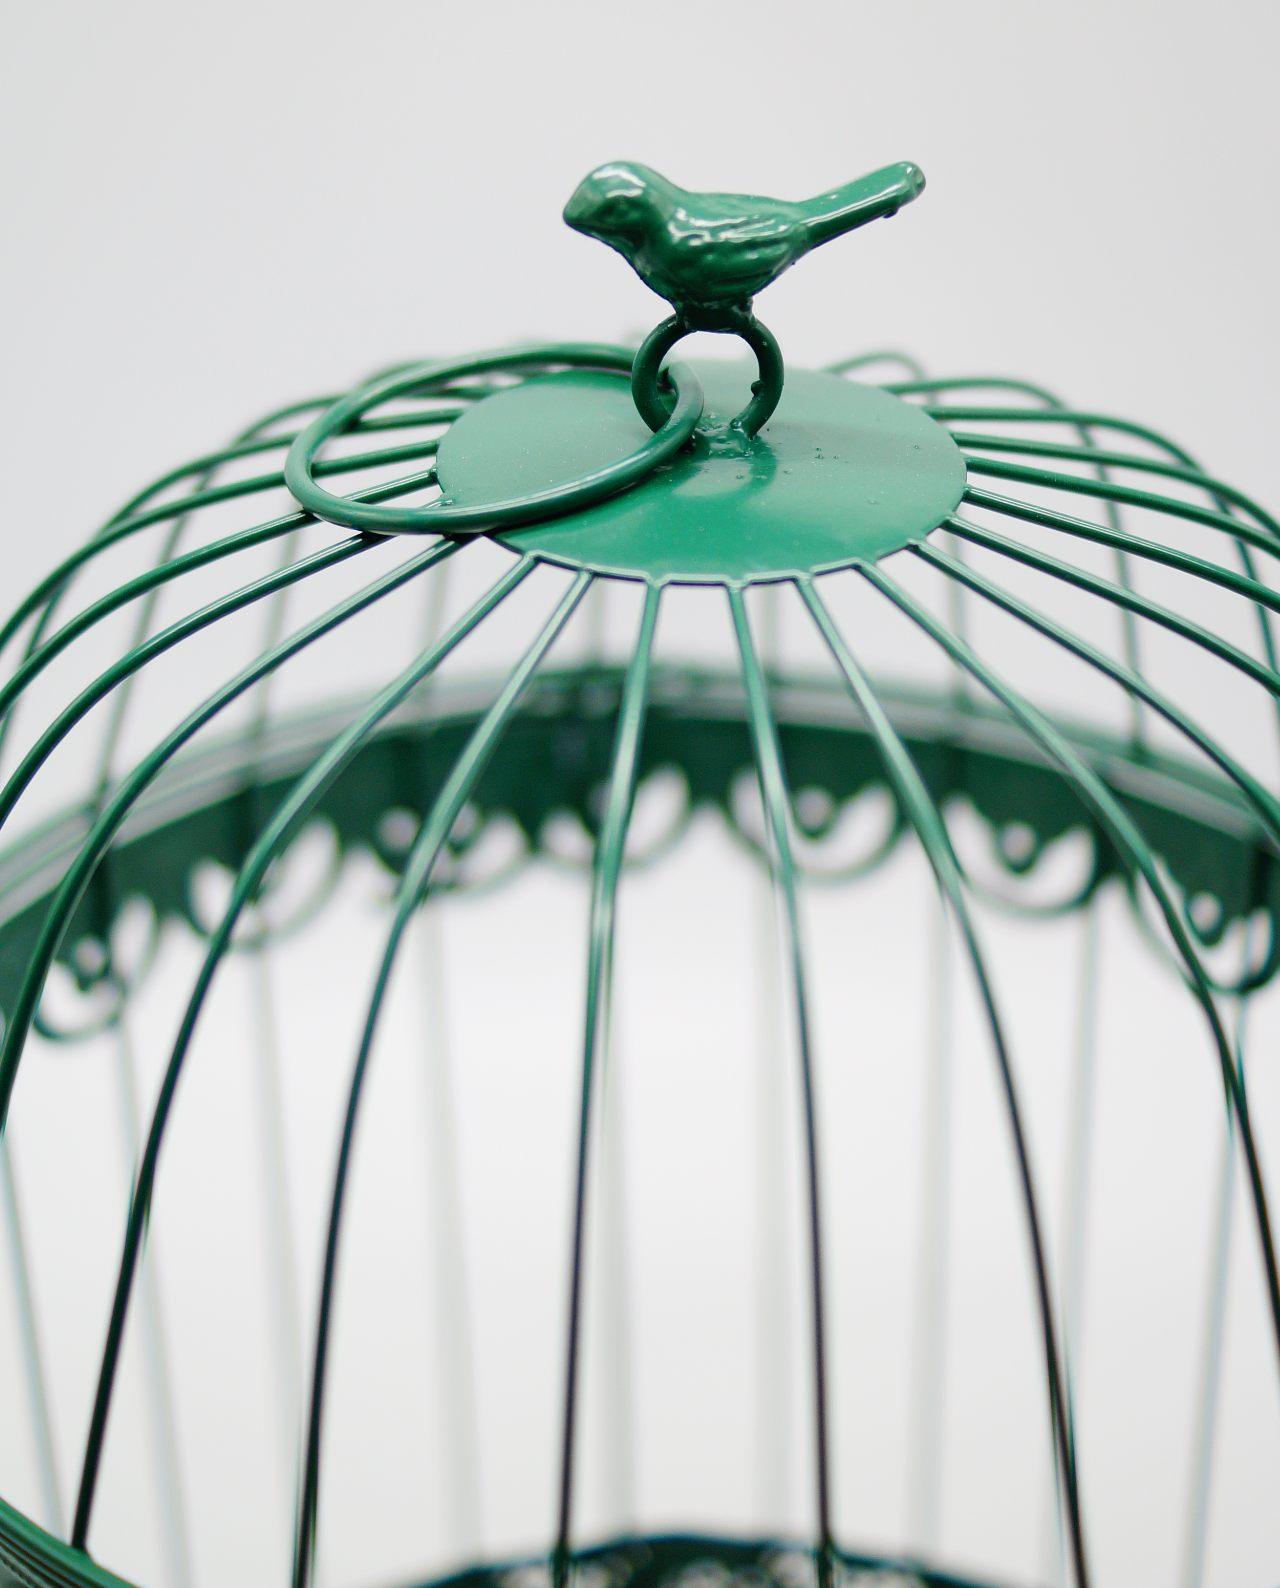 Birdcage Metallic Green Height 40 cm